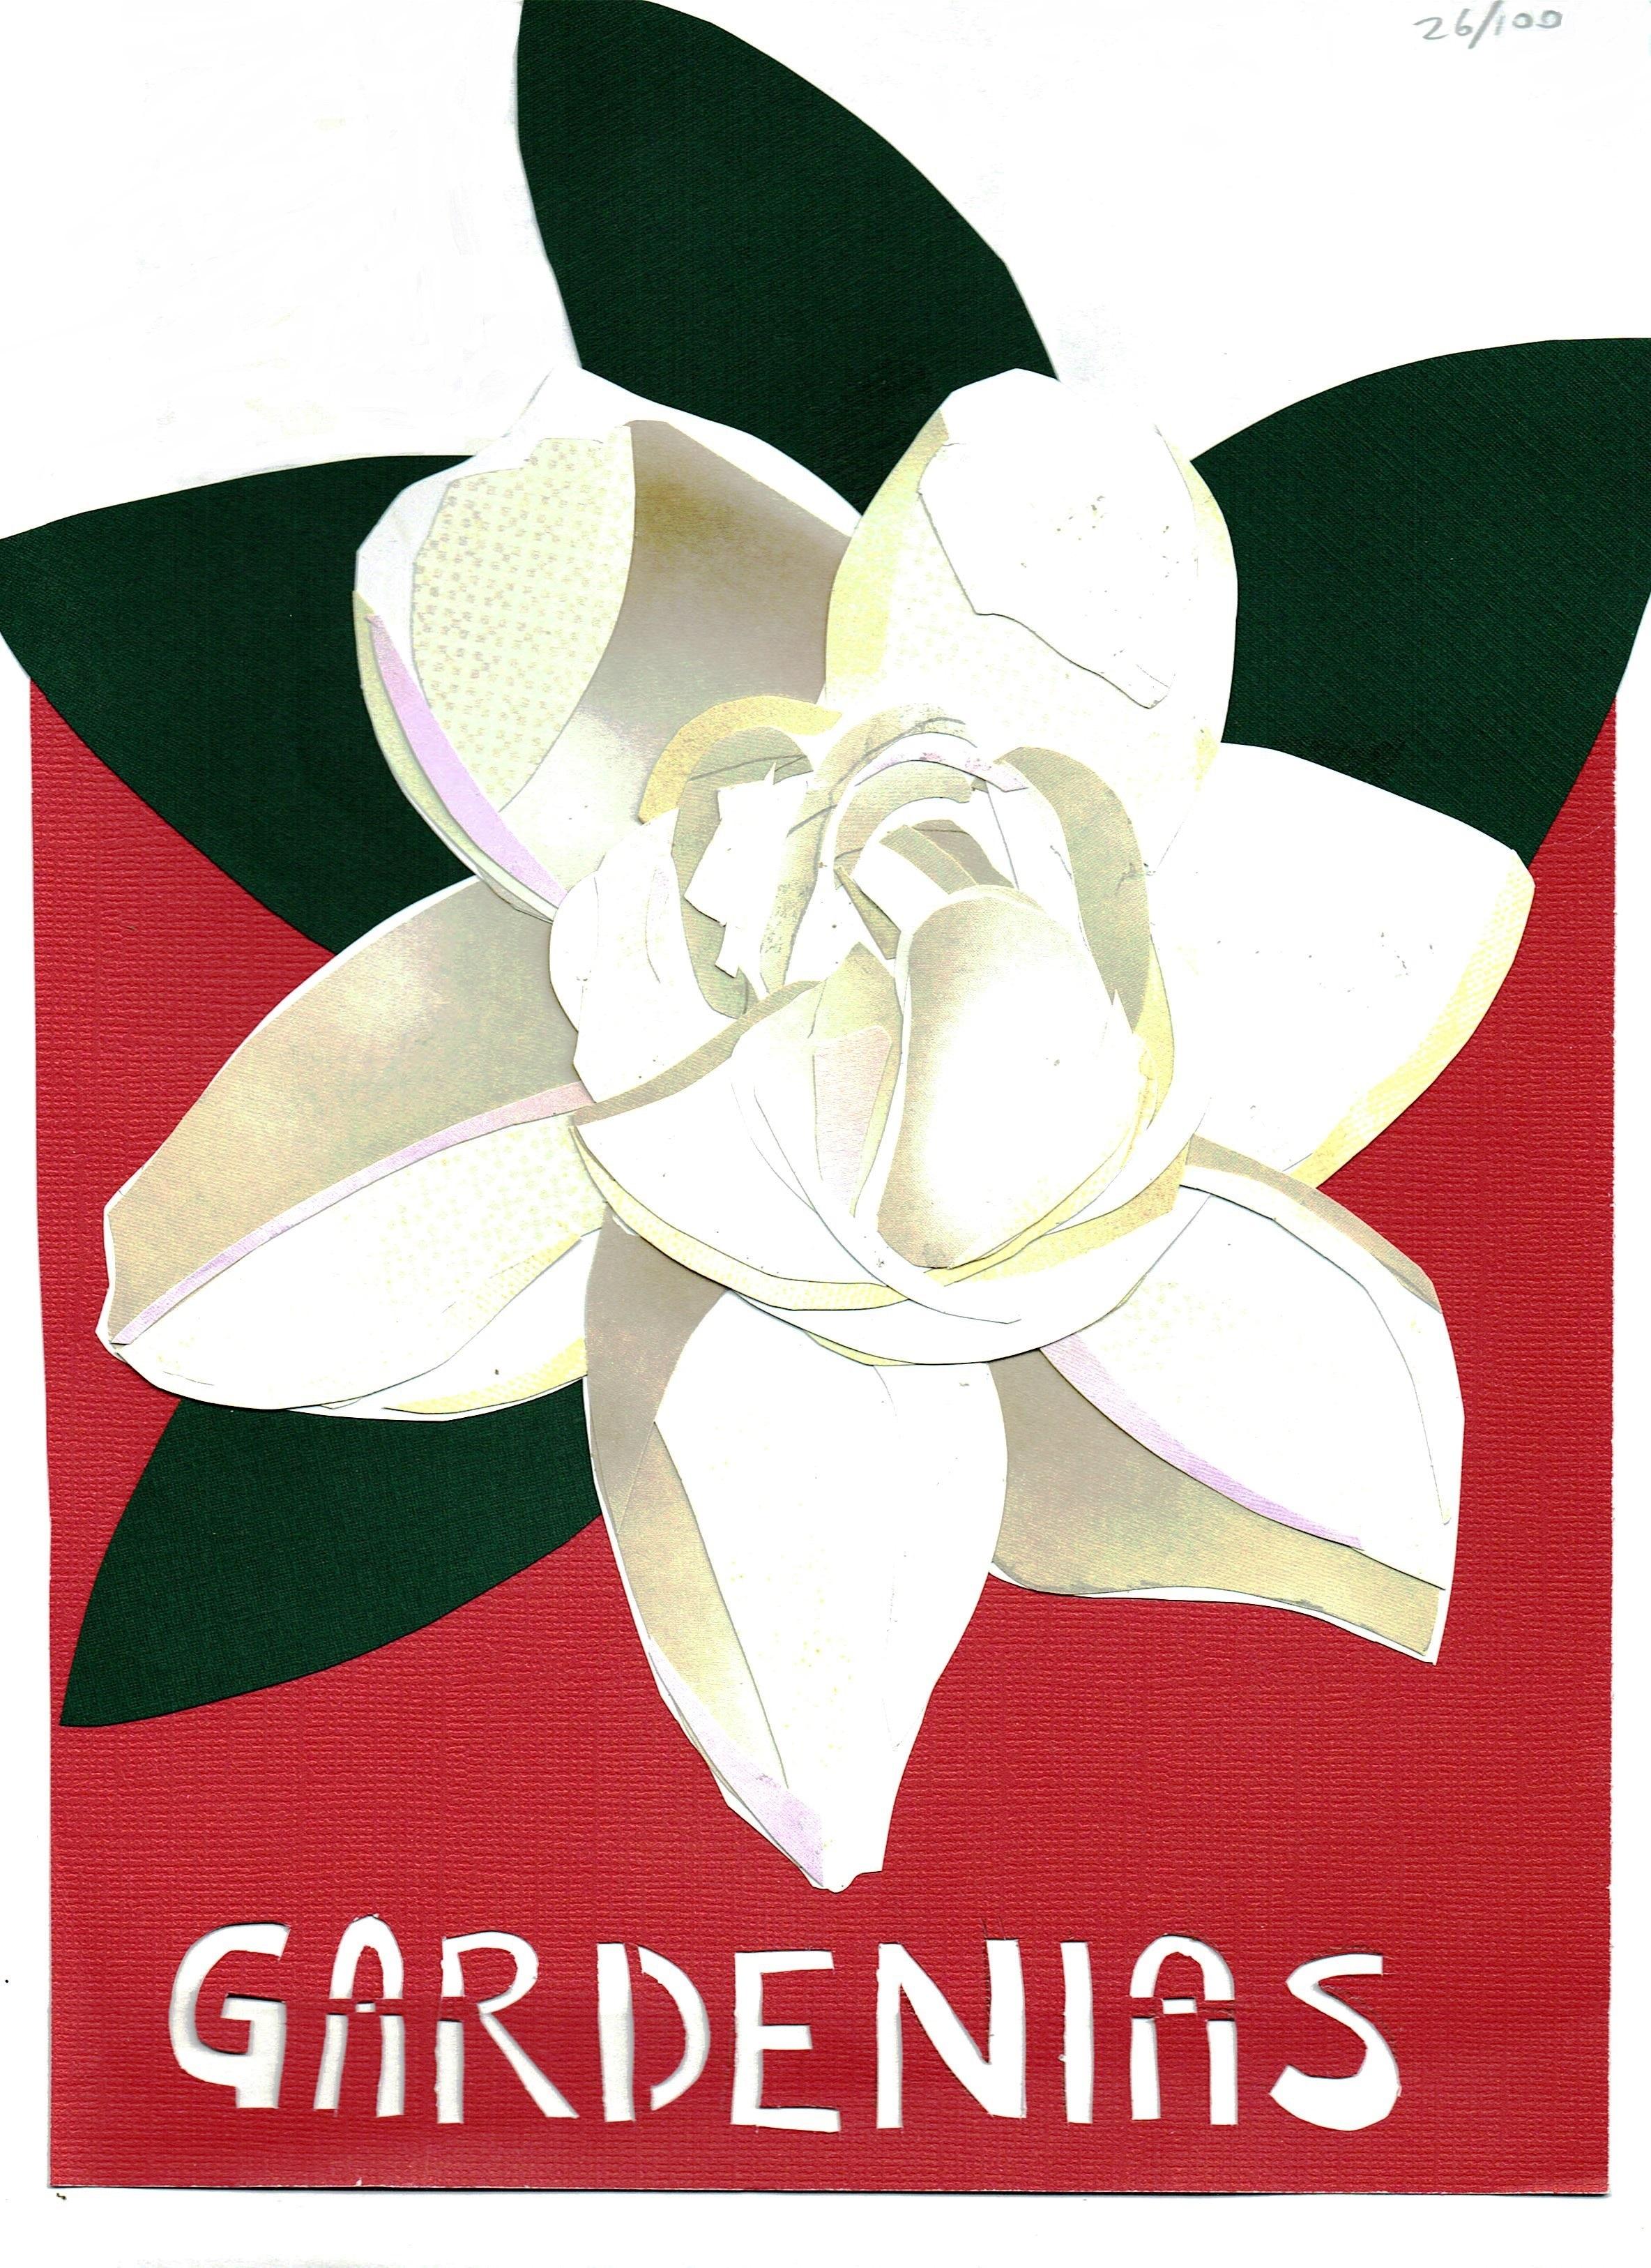 Day 26 - Gardenias